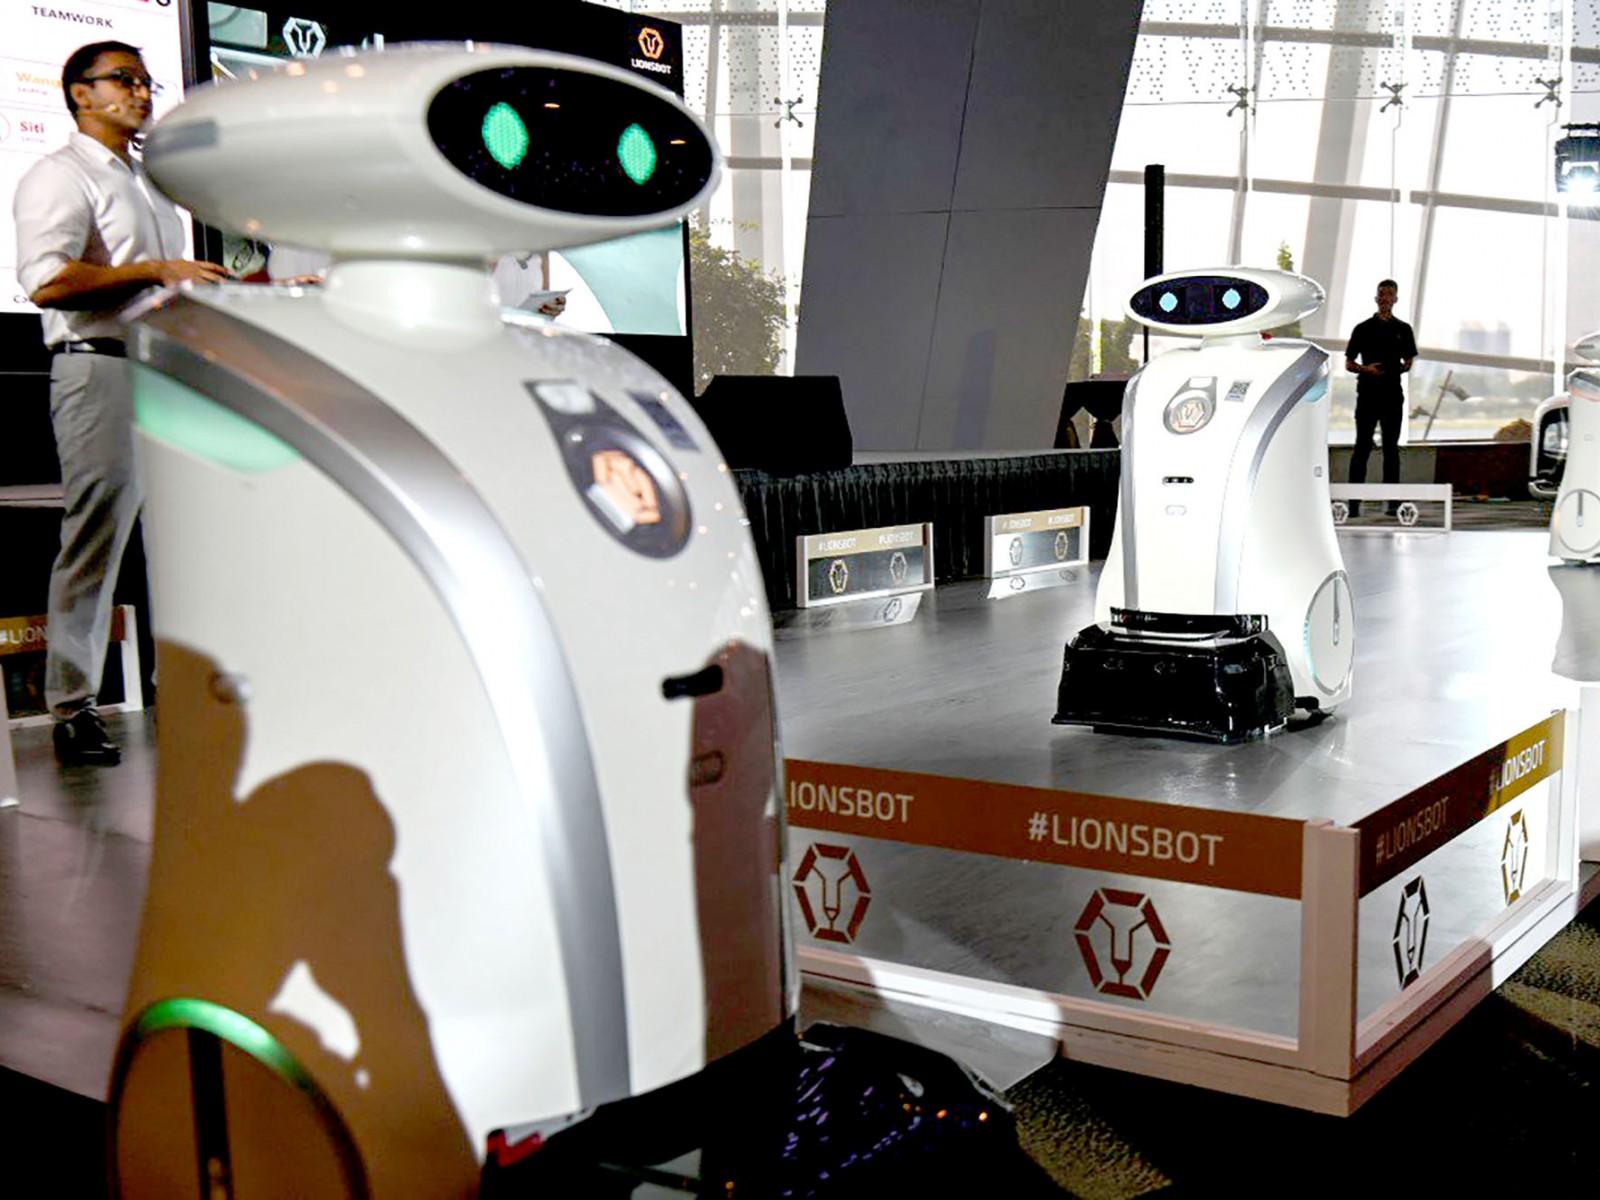 Các robot vệ sinh của Công ty LionsBot được giới thiệu hôm 17-7. Ảnh: AFP